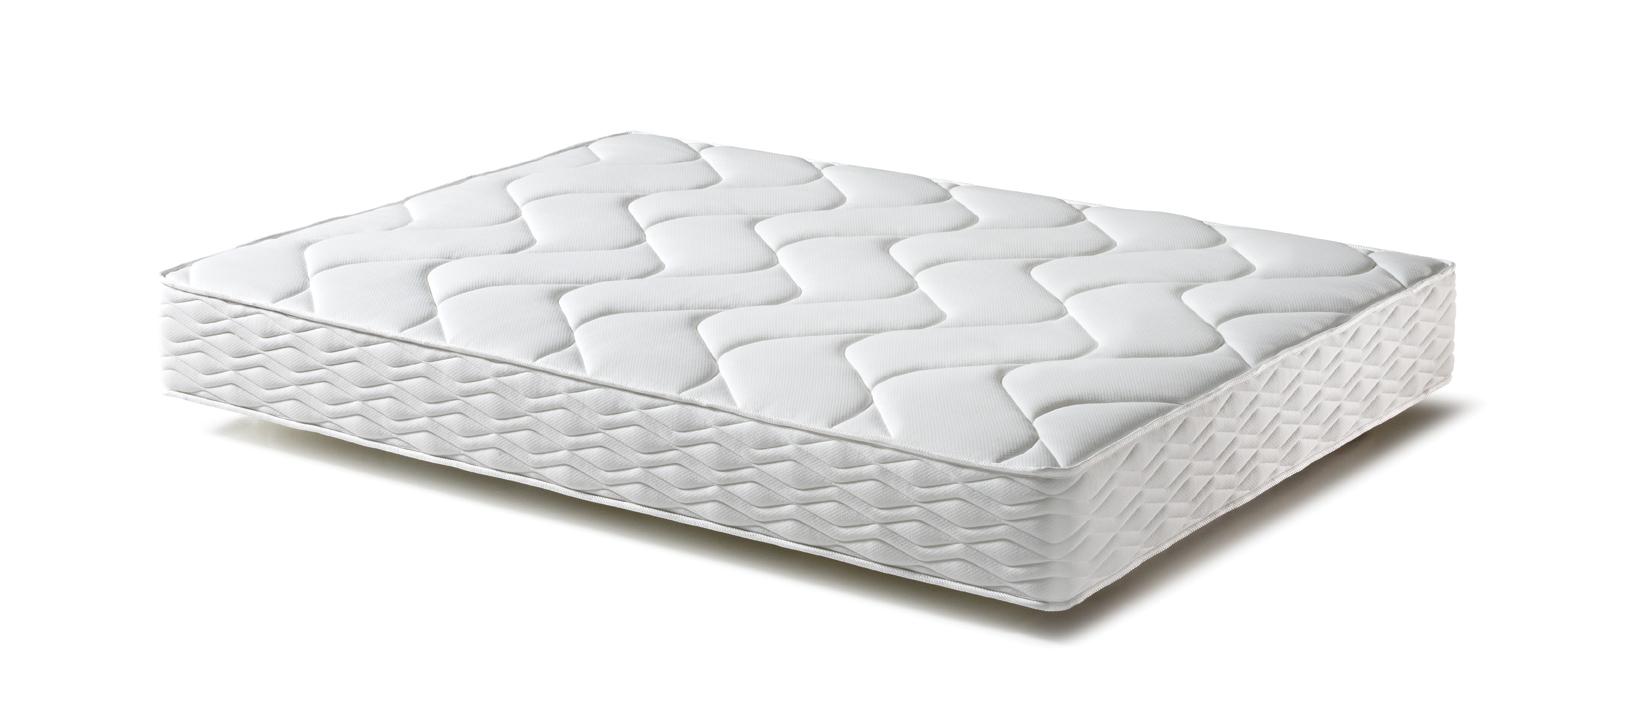 matelas pour lit escamotable